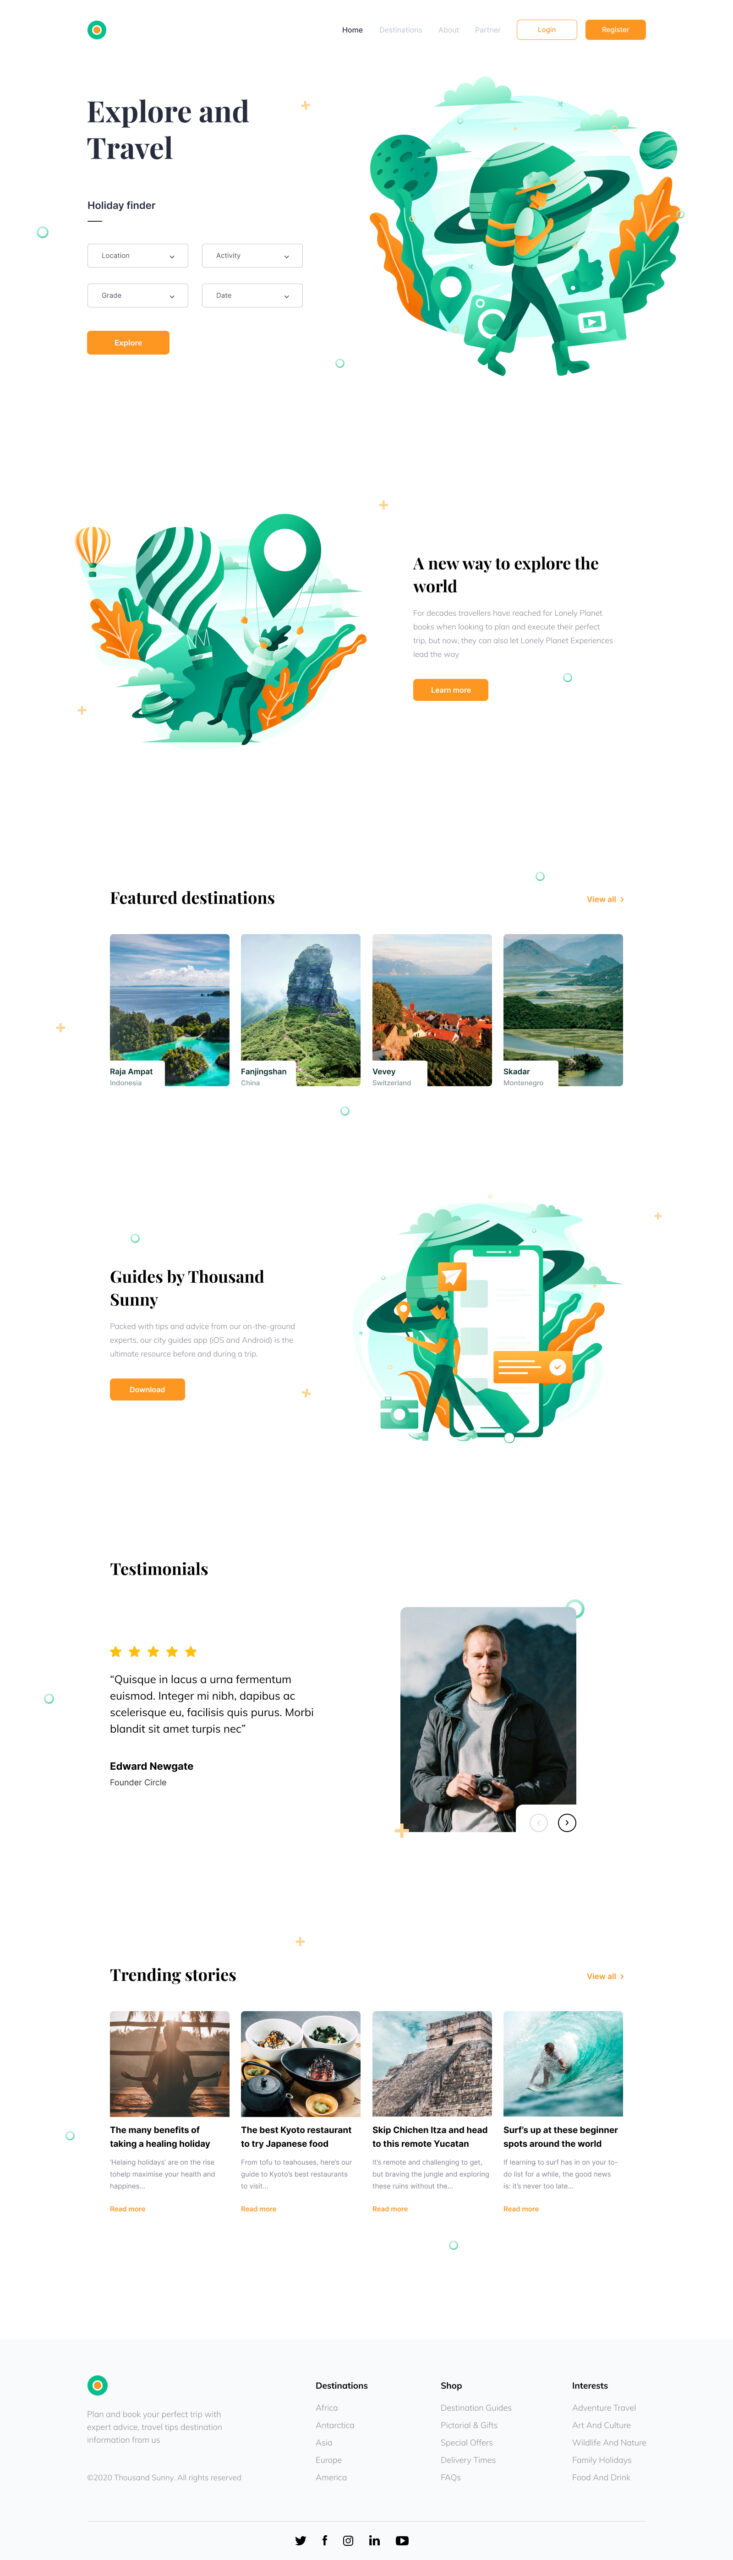 旅行旅游服务网站着陆页设计模板插图